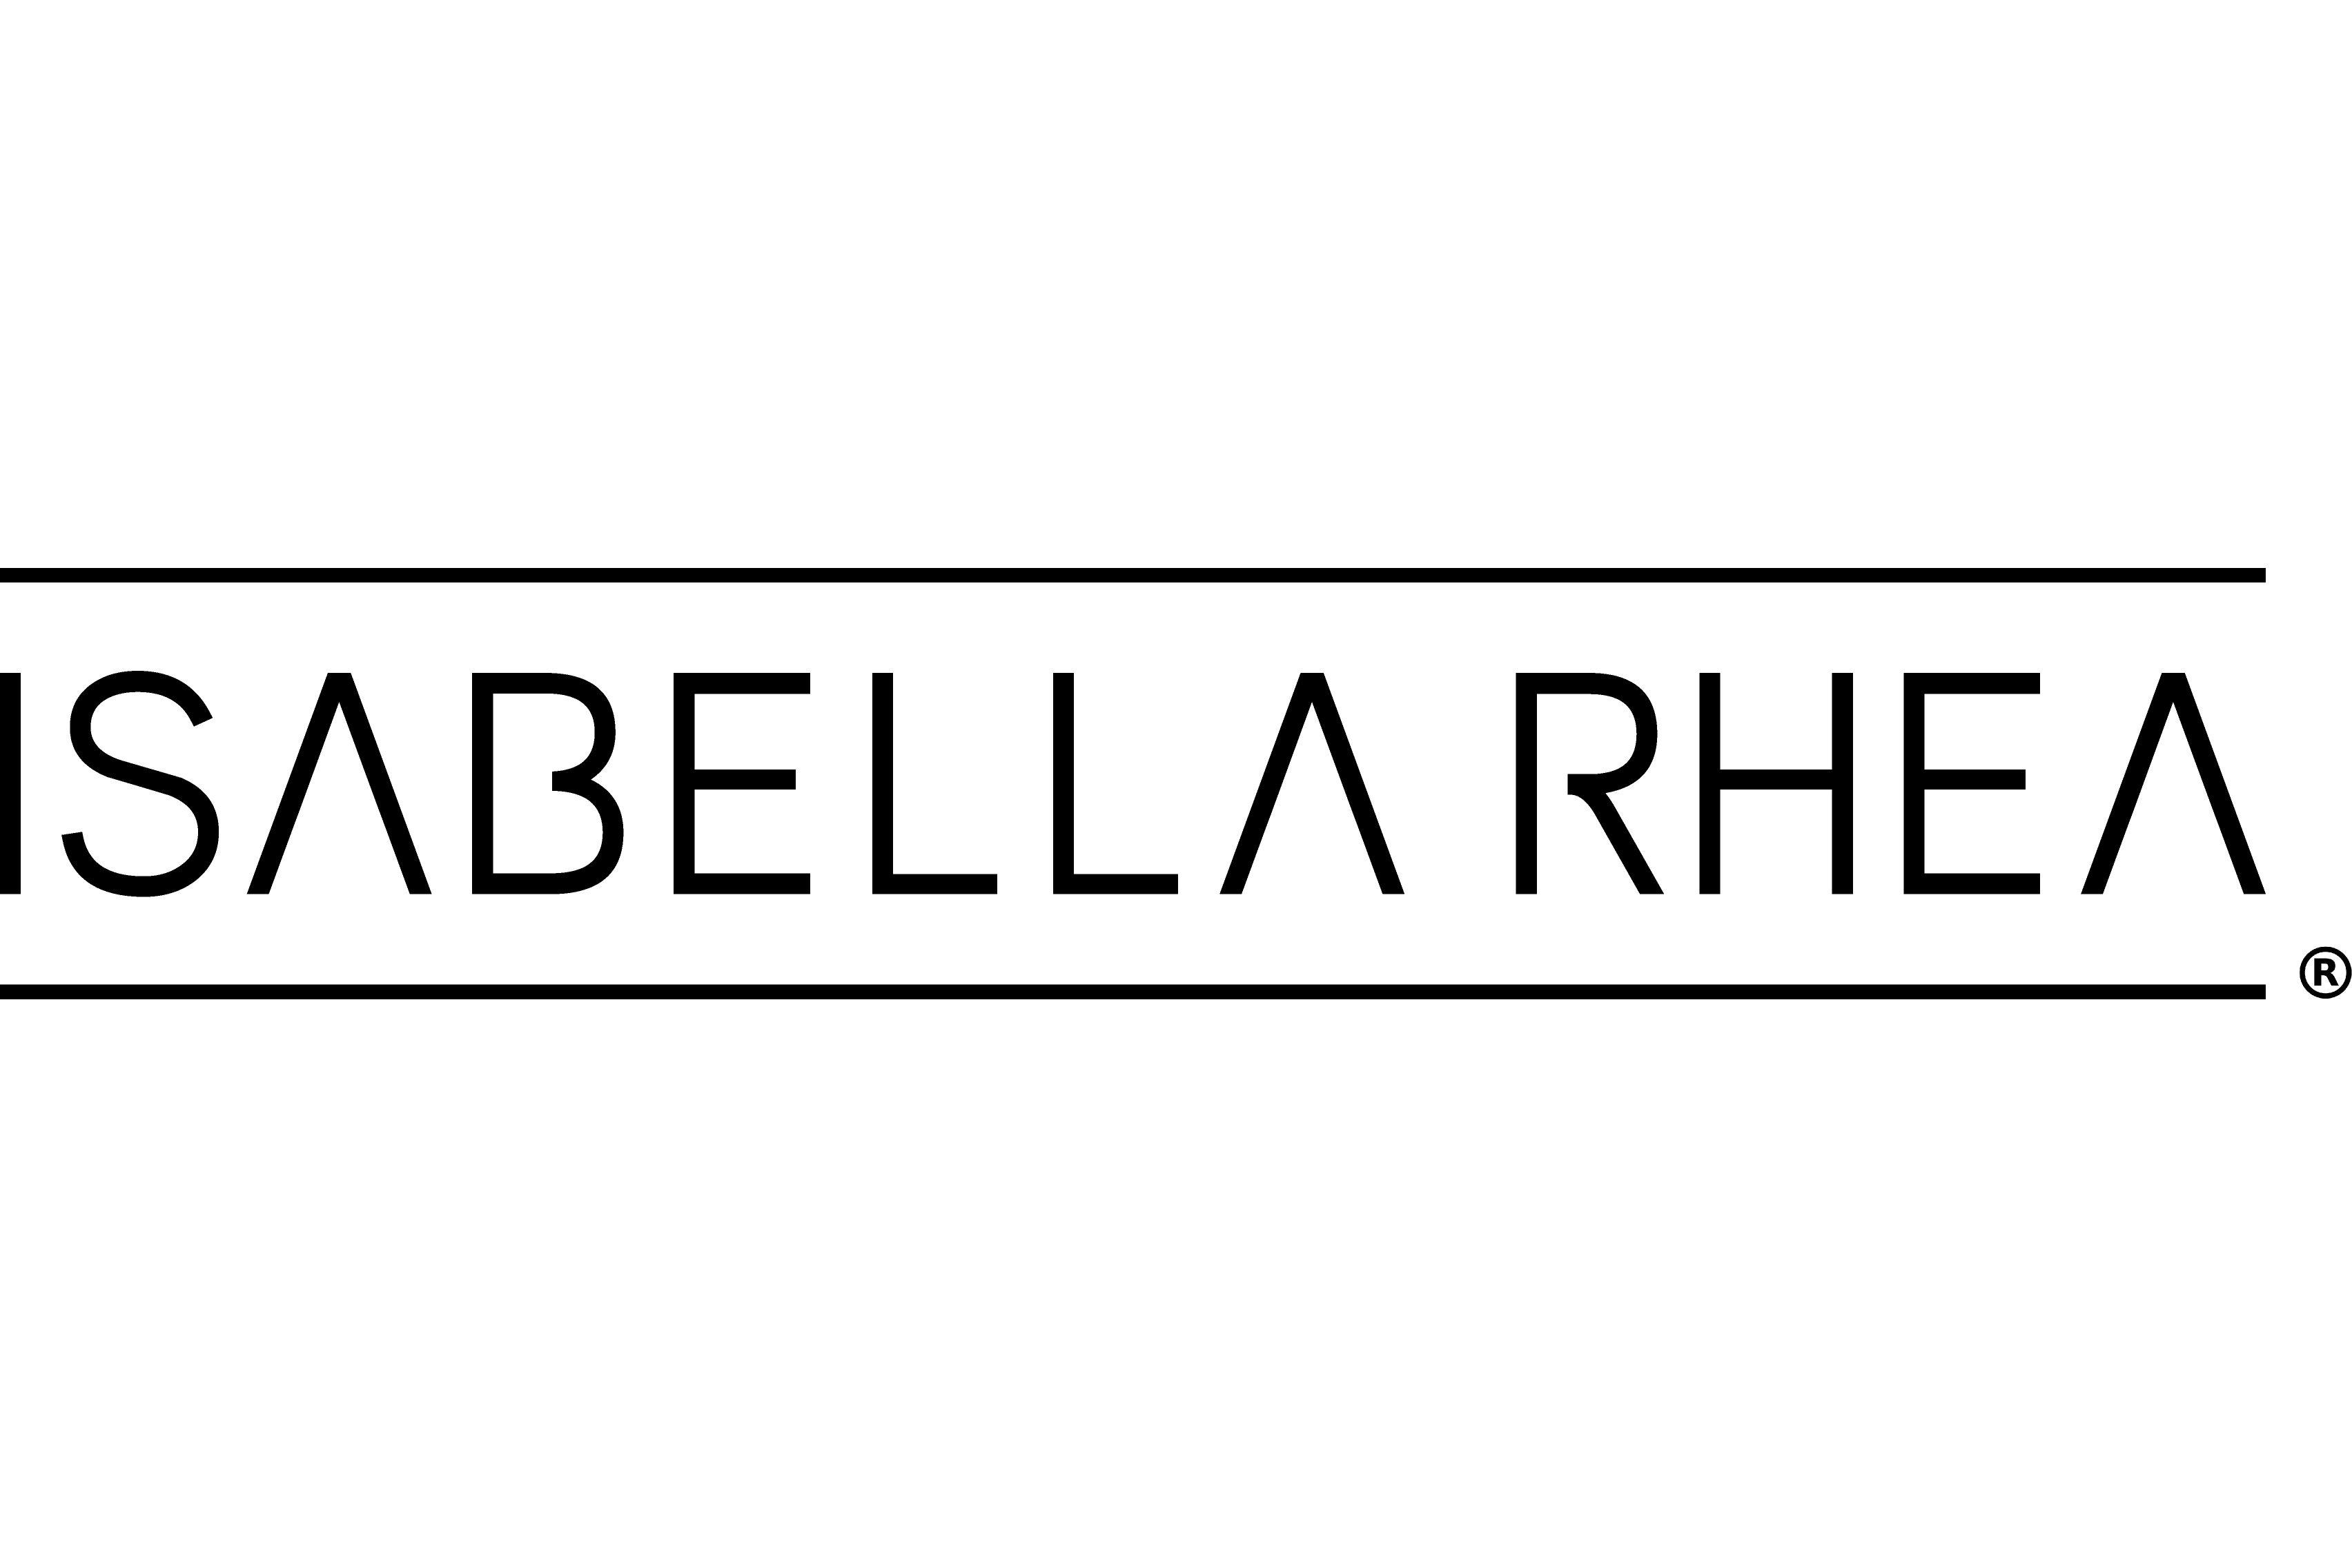 Italske kabelky a penezenky damske penezenky kozene kabelky made in italy znackove kabelky znackove penezenky bestsellery MK bags Isabella Rhea